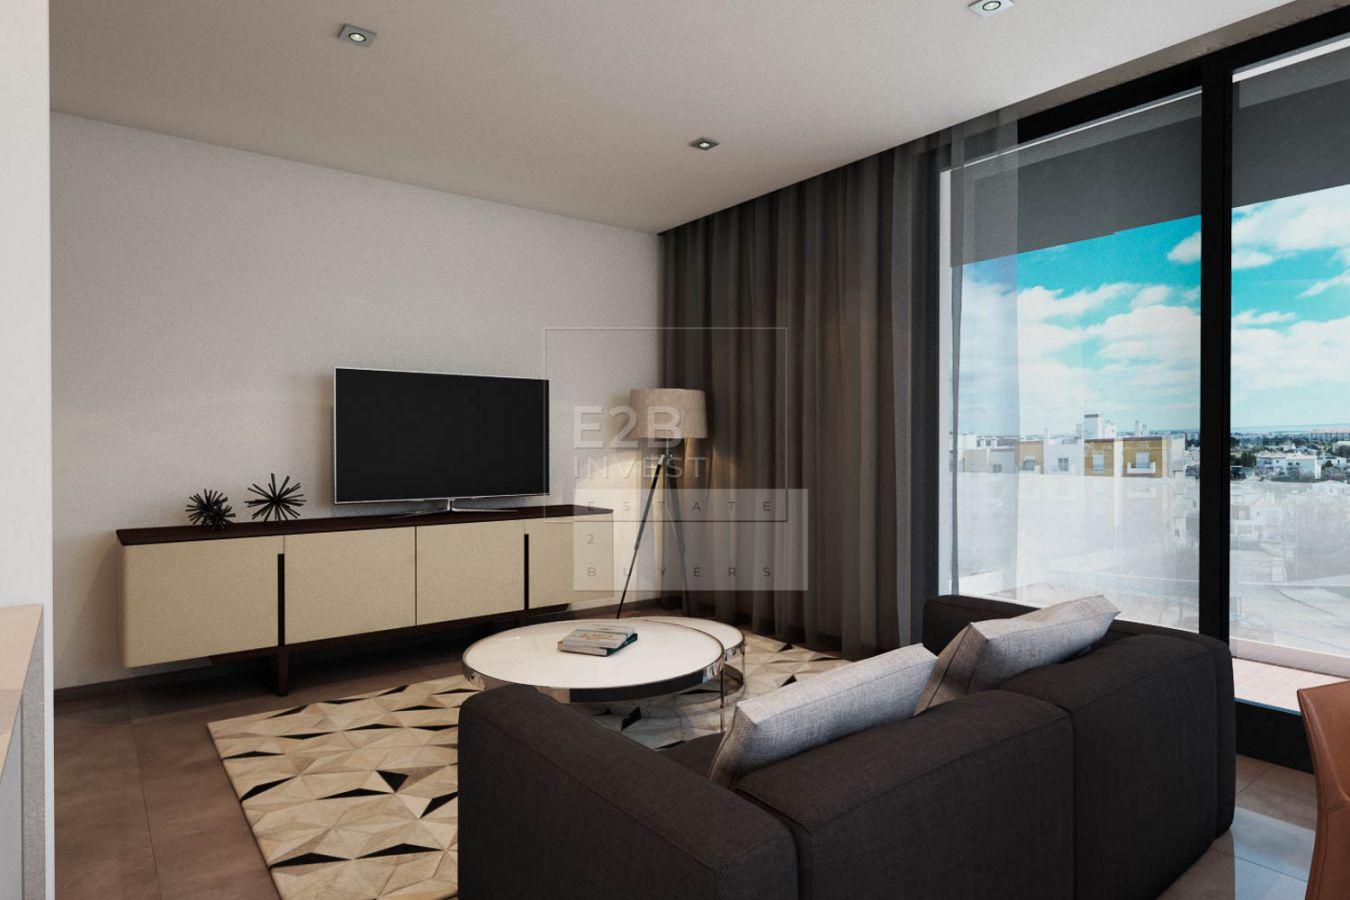 E2B-Invest-appartement-PATA00010-05